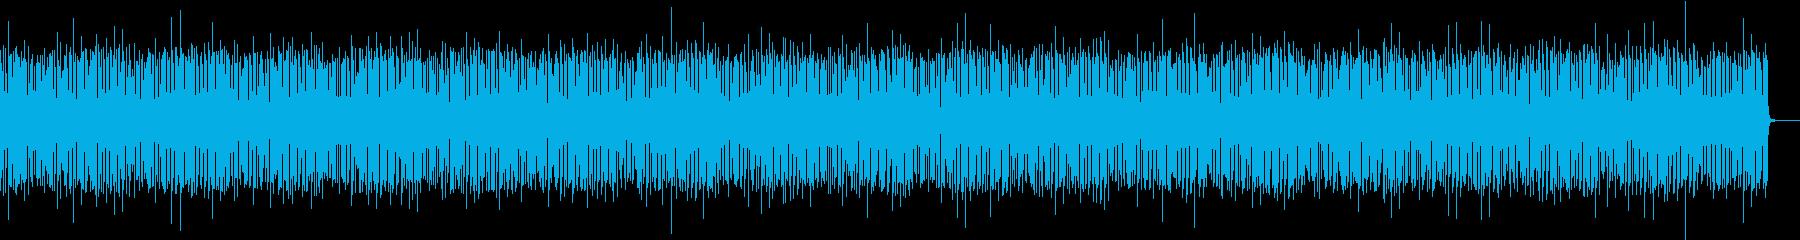 アメリカンでお洒落なブルースBGMの再生済みの波形